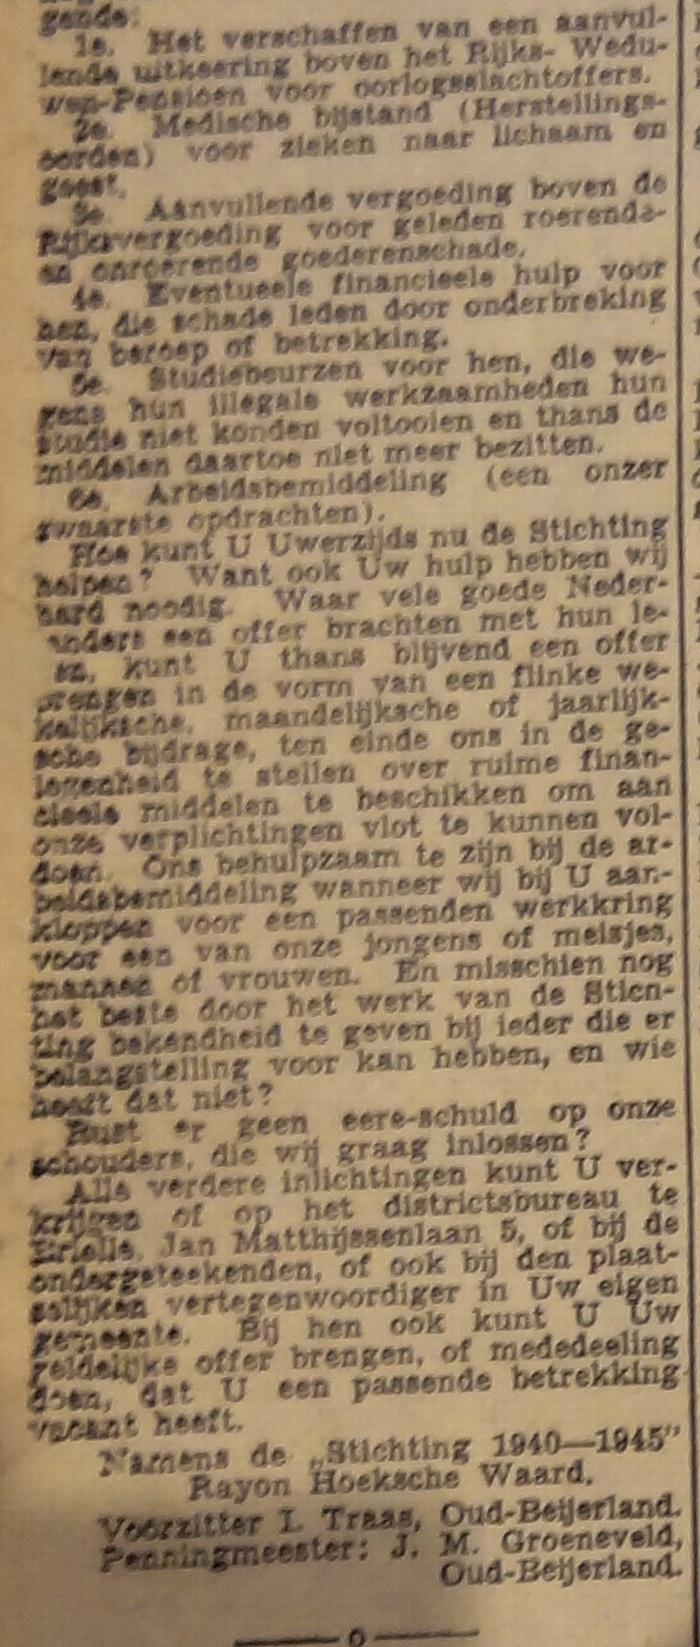 02-stichting-1940-1945-27nov1945-02